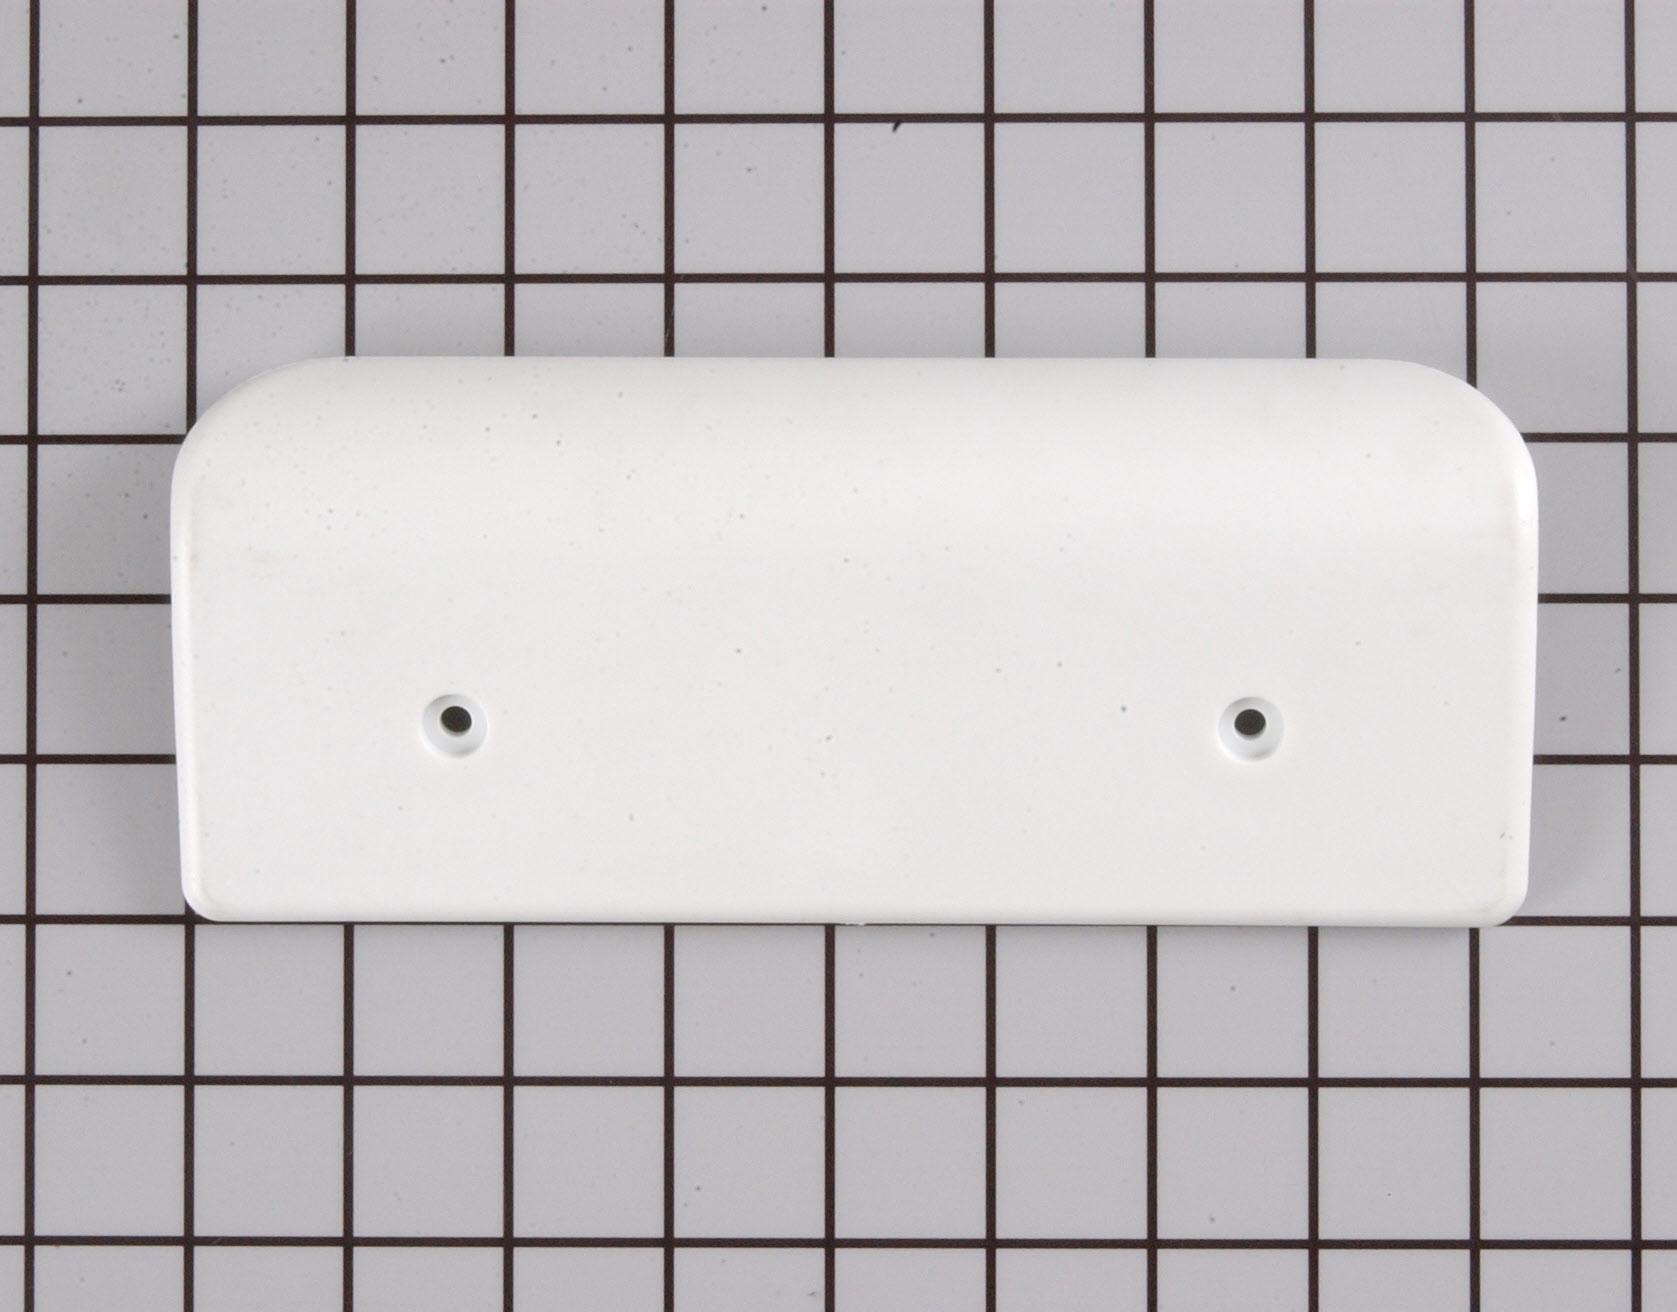 WP67005140 Inglis Refrigerator Part -Door Handle